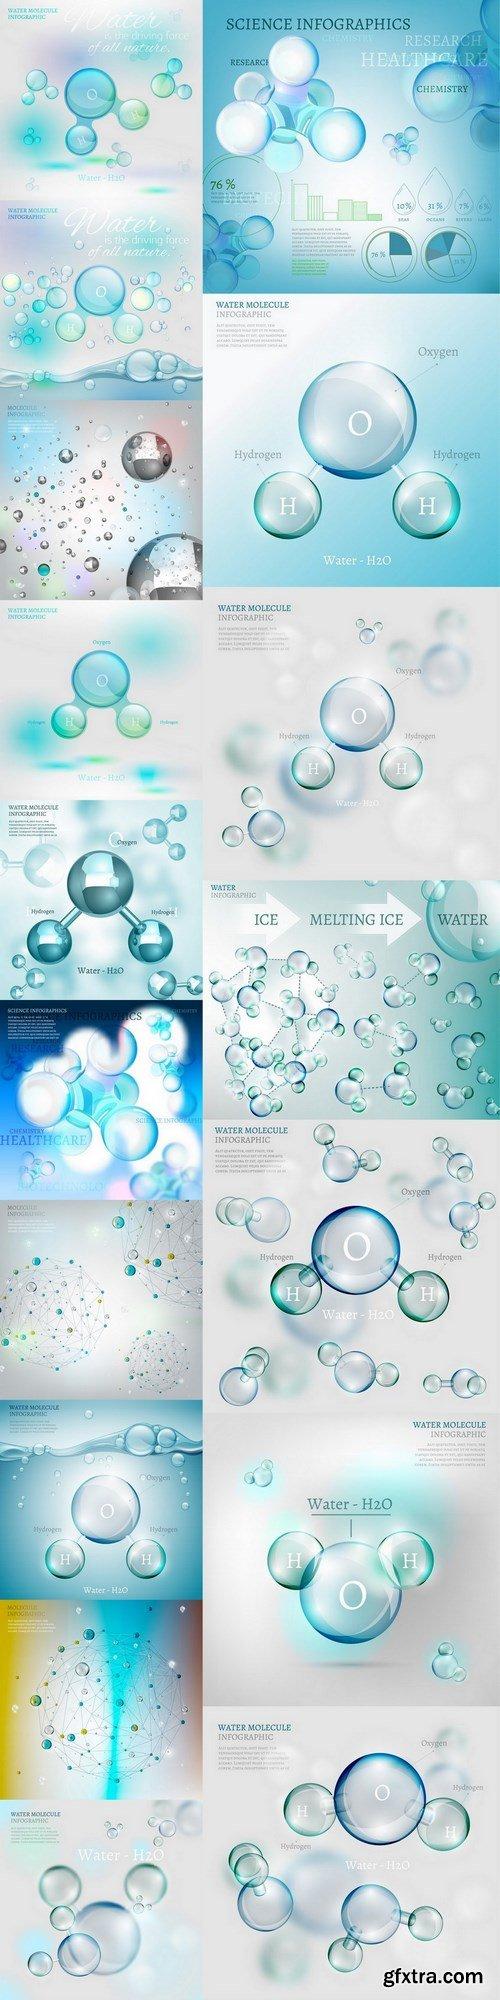 Water molecule - 17 EPS Vector Stock